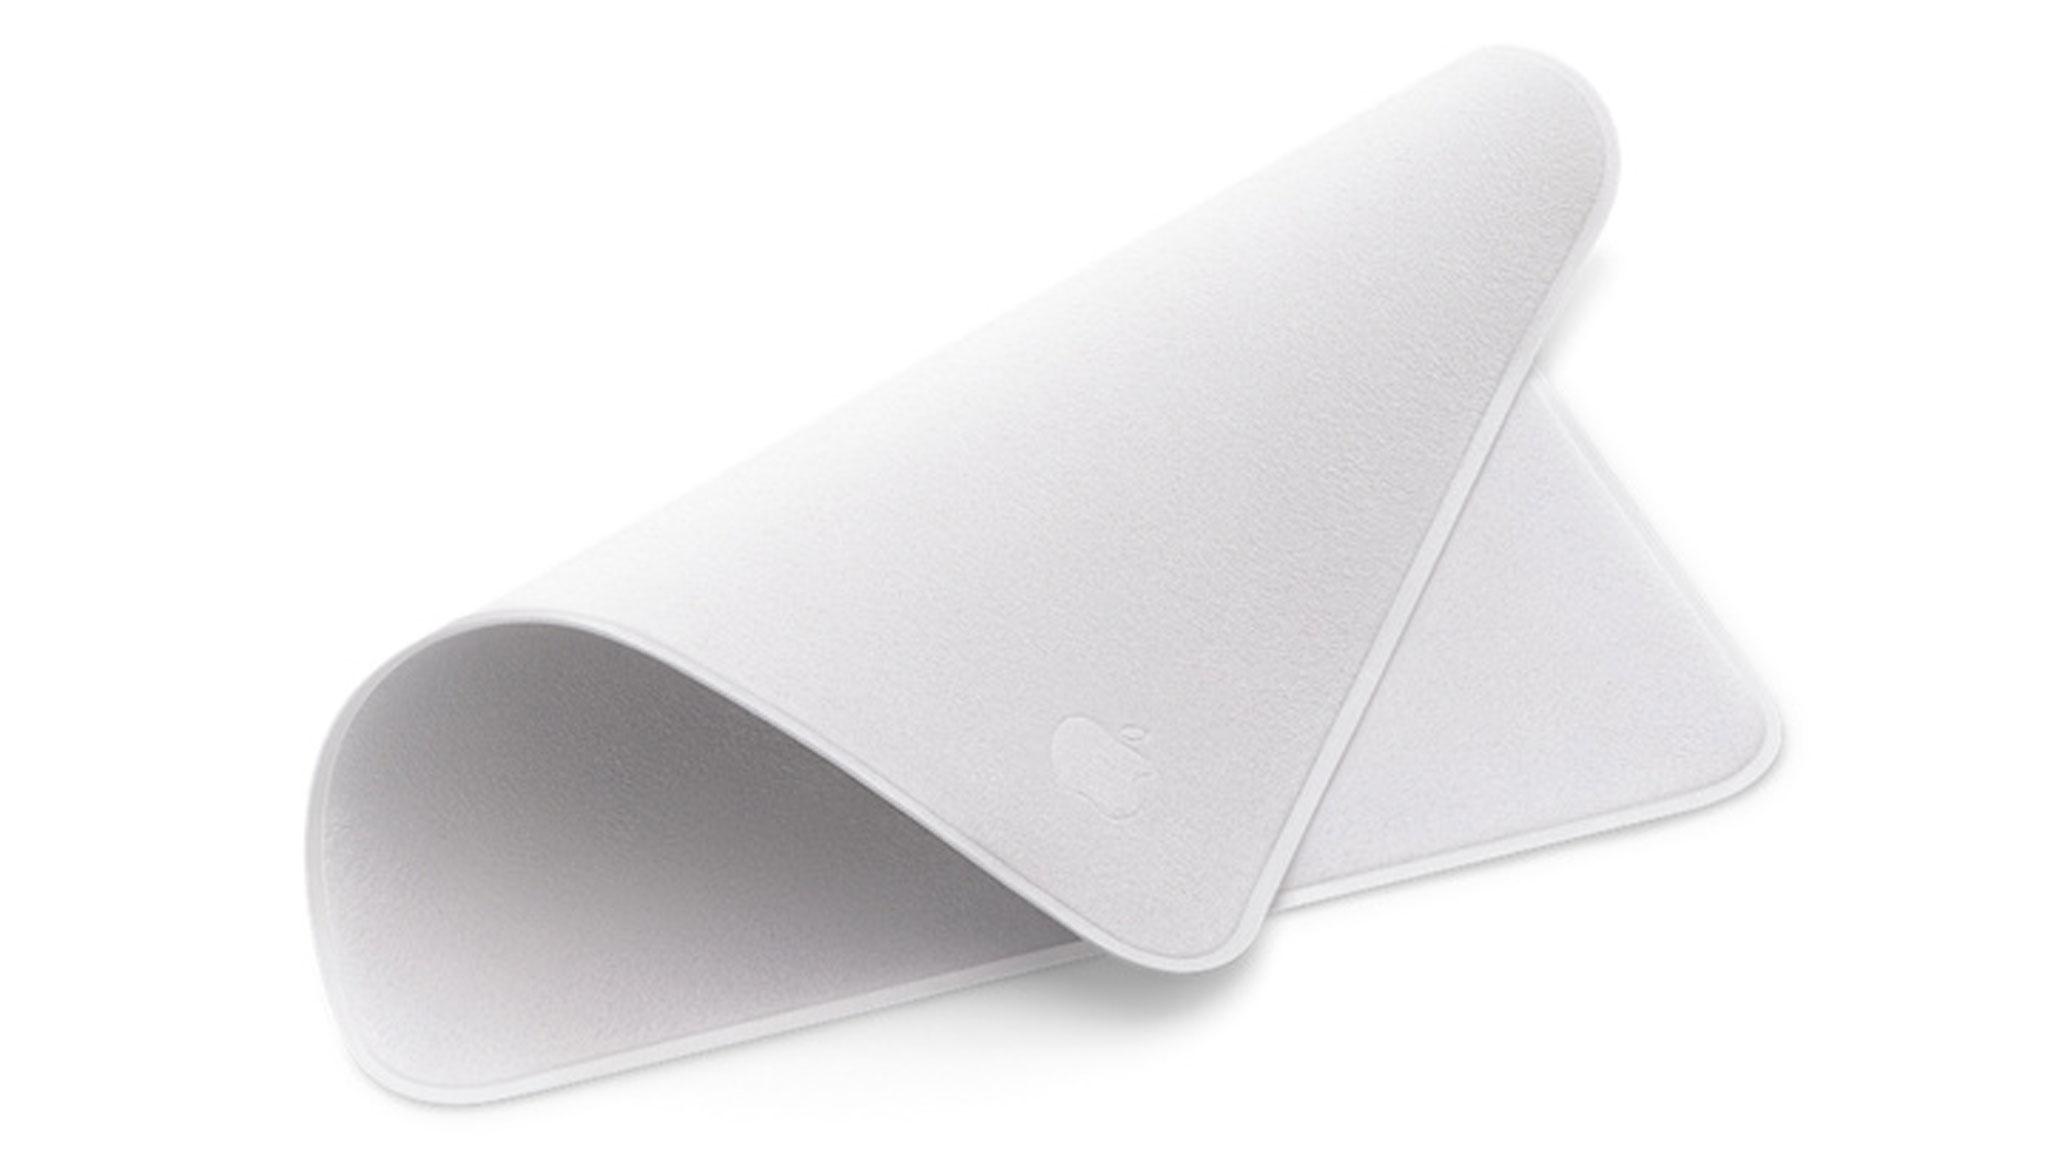 Passend zum neuen MacBook Pro: Apple verkauft hauseigenes Poliertuch